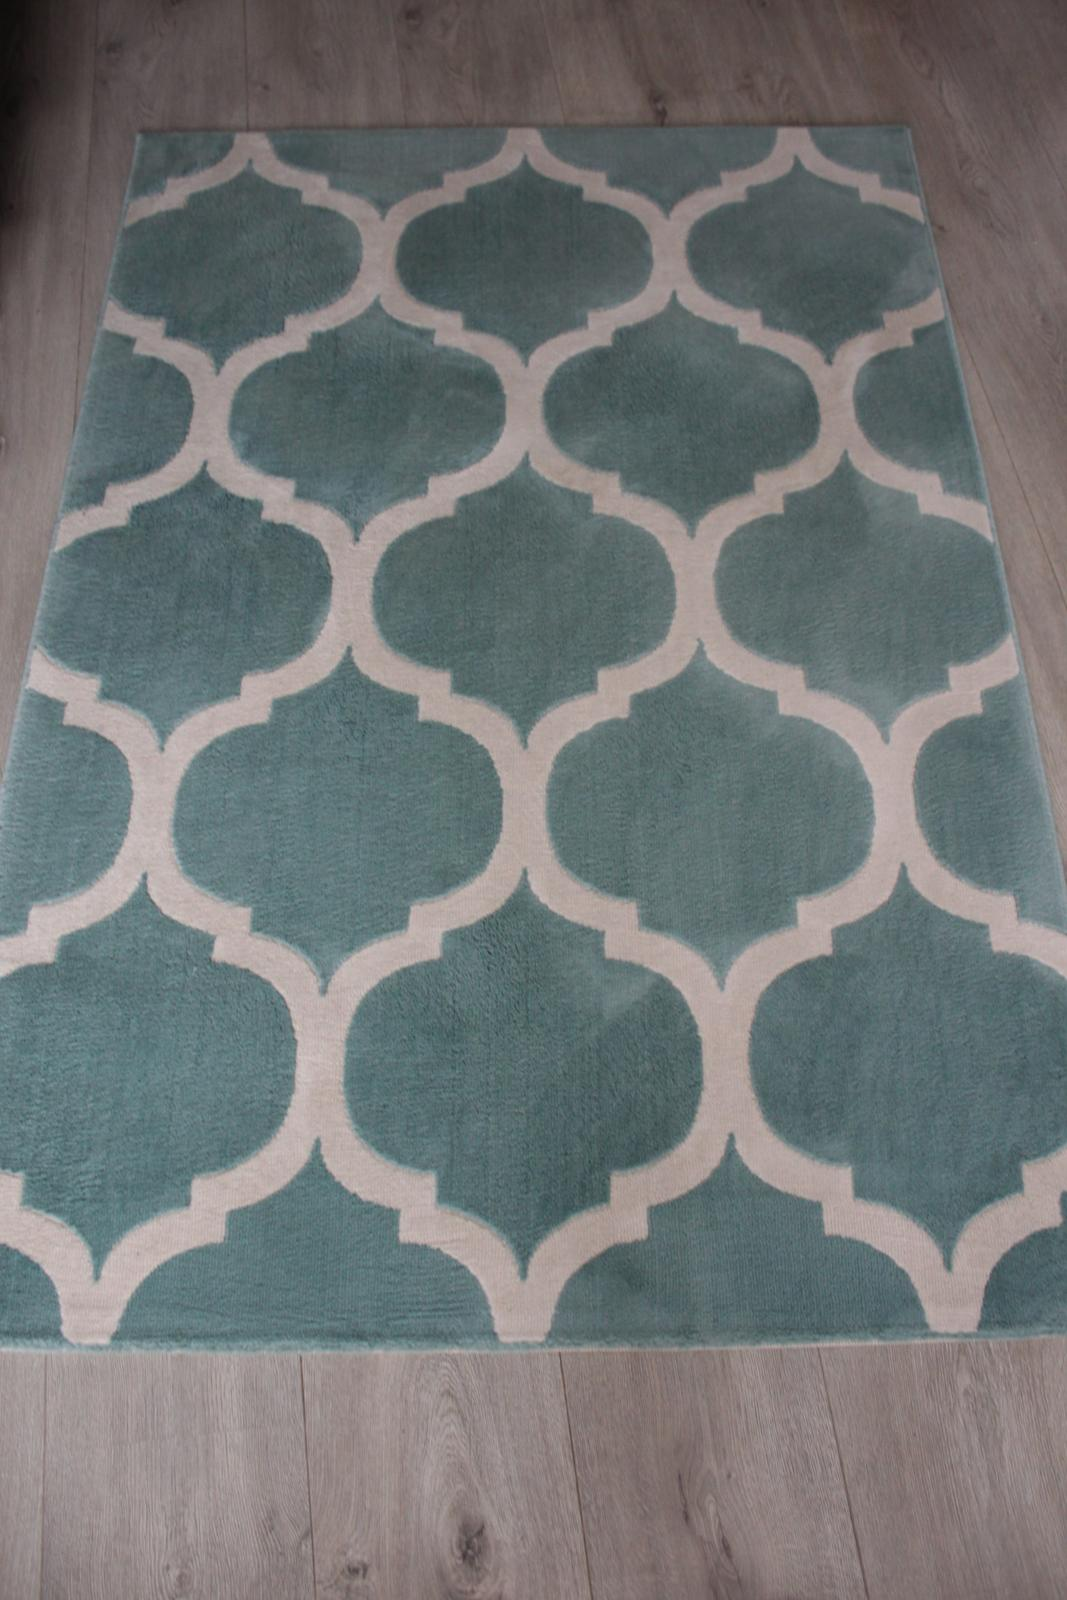 koberec 170x120cm - Obrázok č. 1